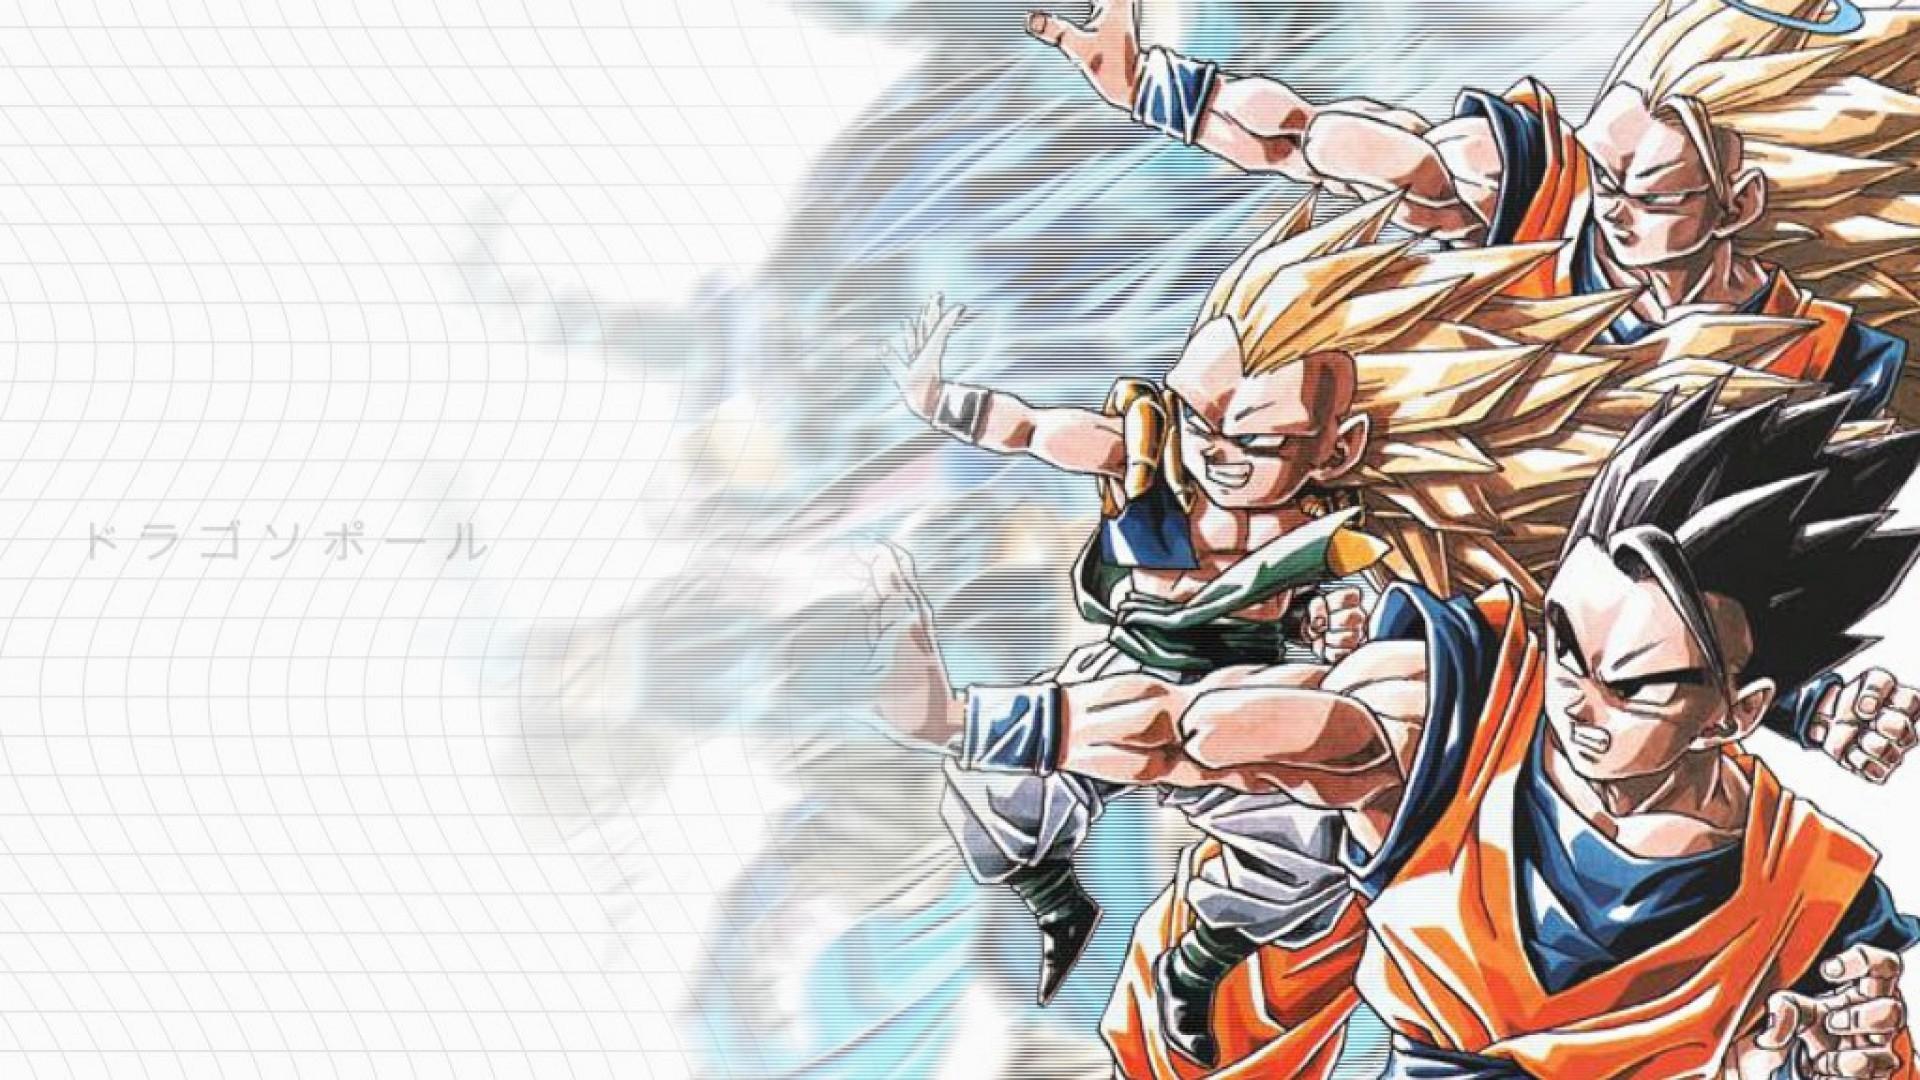 Dragon Ball Z Wallpaper HD download free